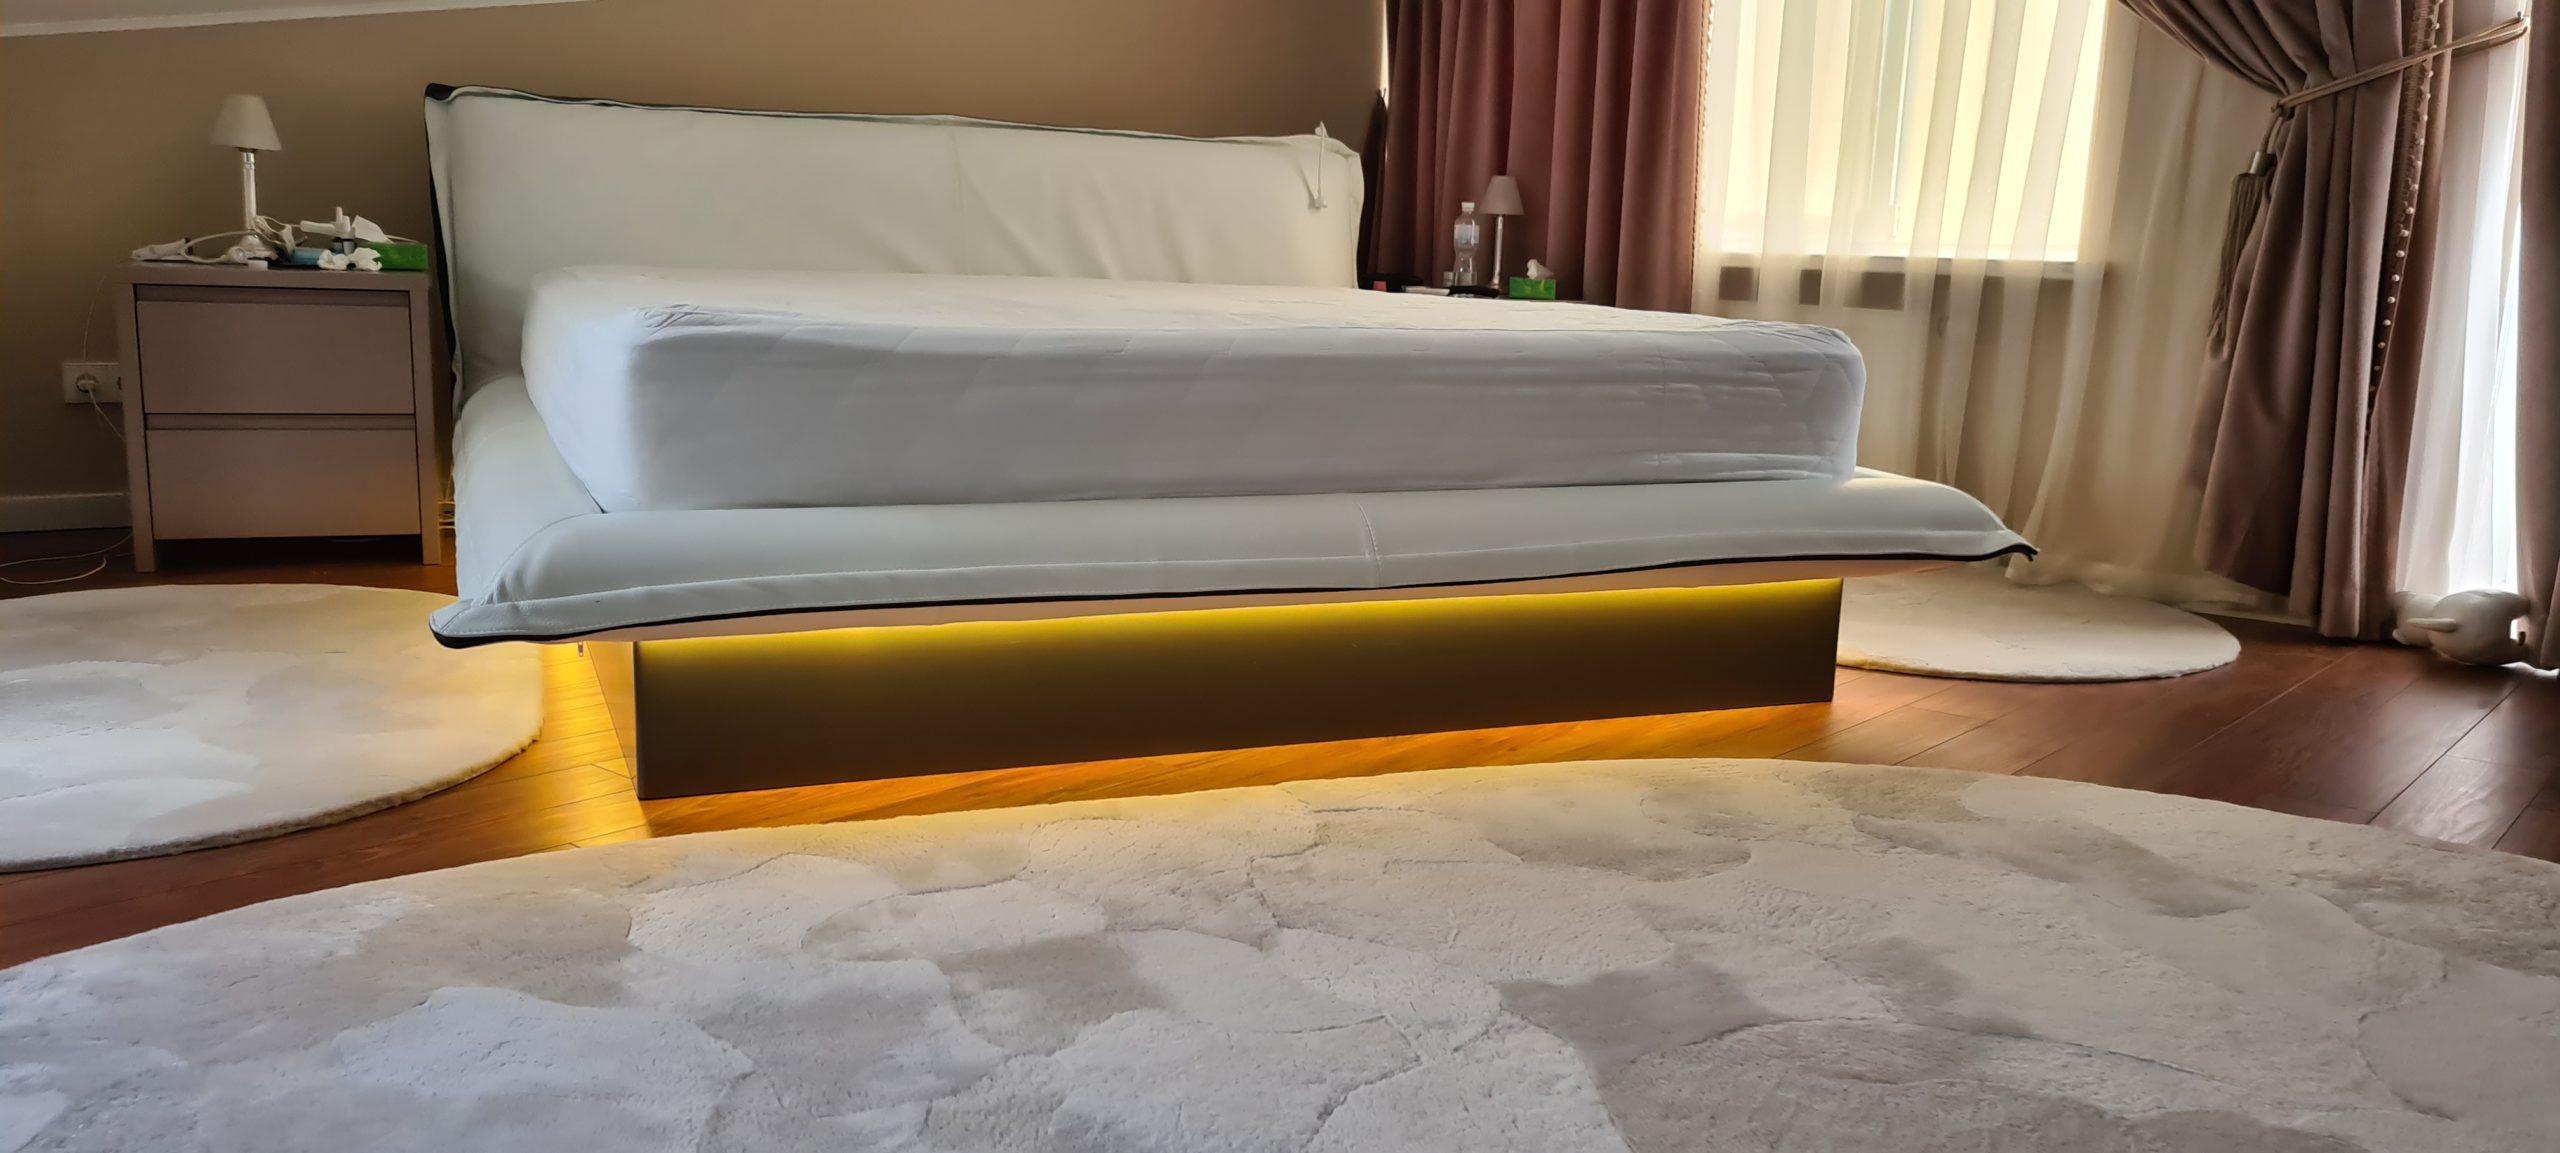 Спальний гарнітур - фото 4